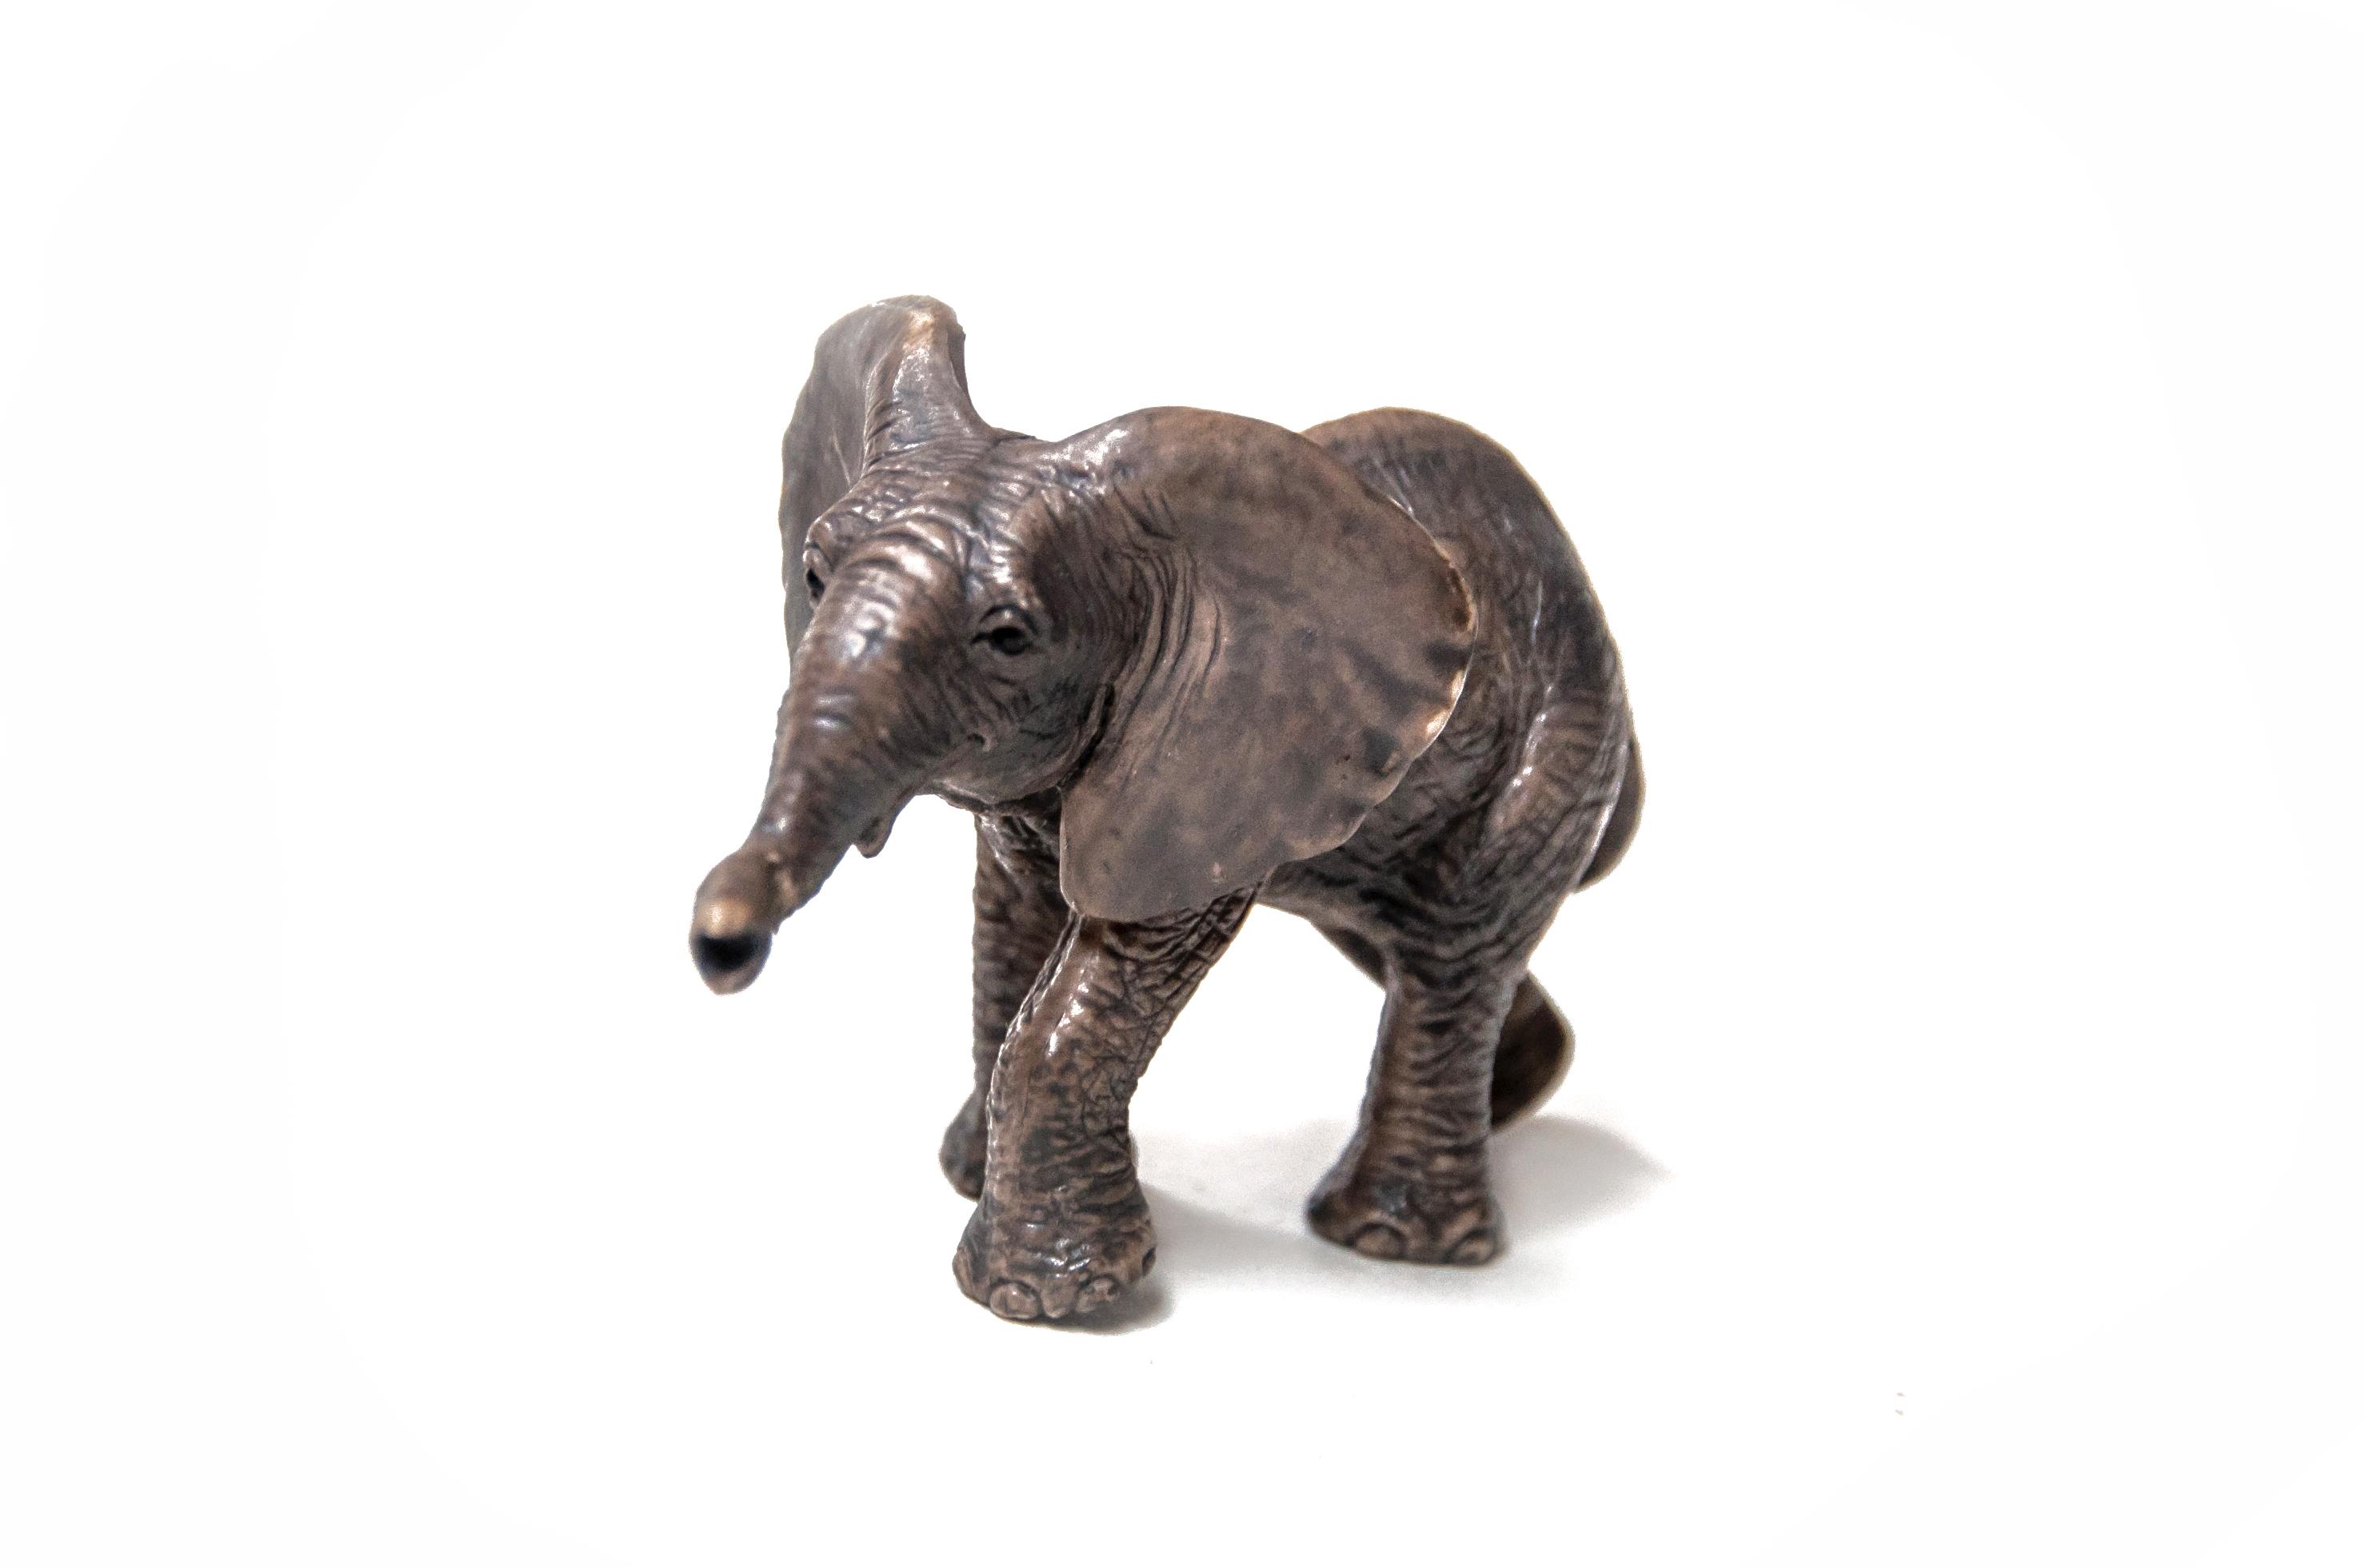 Toy Elephant on White Background, Animal, Tusk, Trunk, Toy, HQ Photo